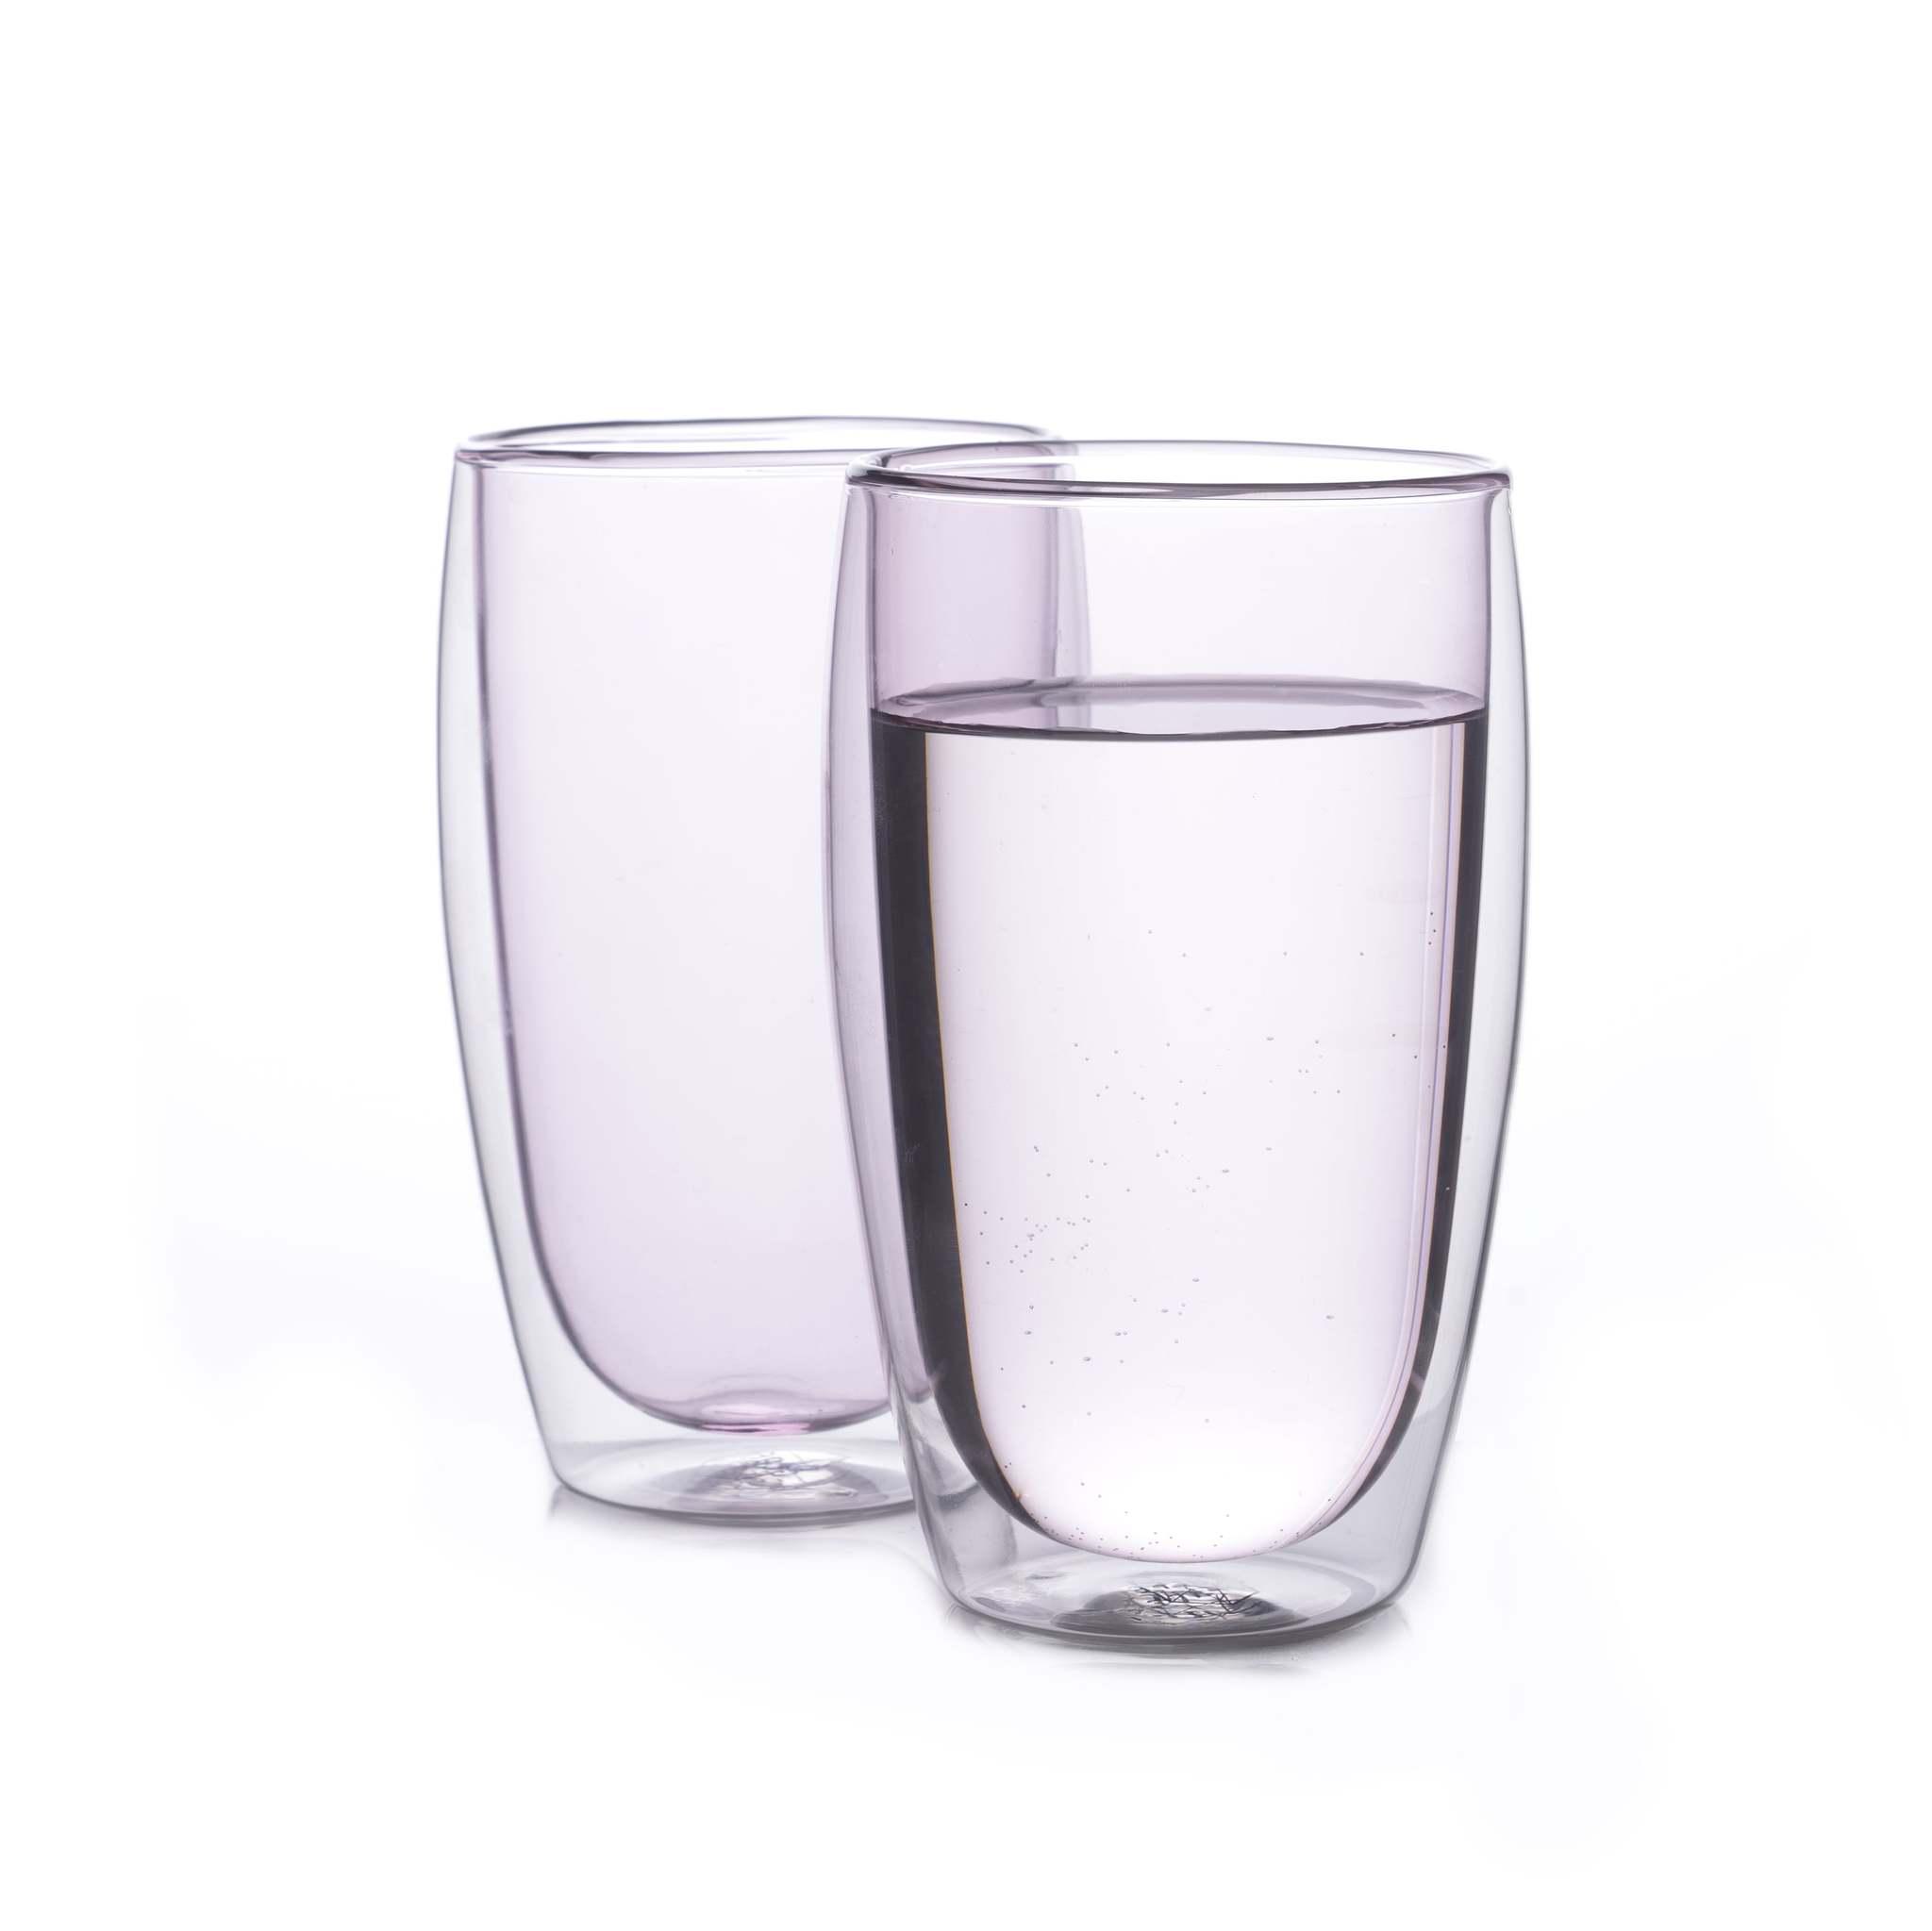 Наборы-Акции Набор стаканов из двойного стекла розового цвета 450 мл, 2 шт. розовый1-min.jpg